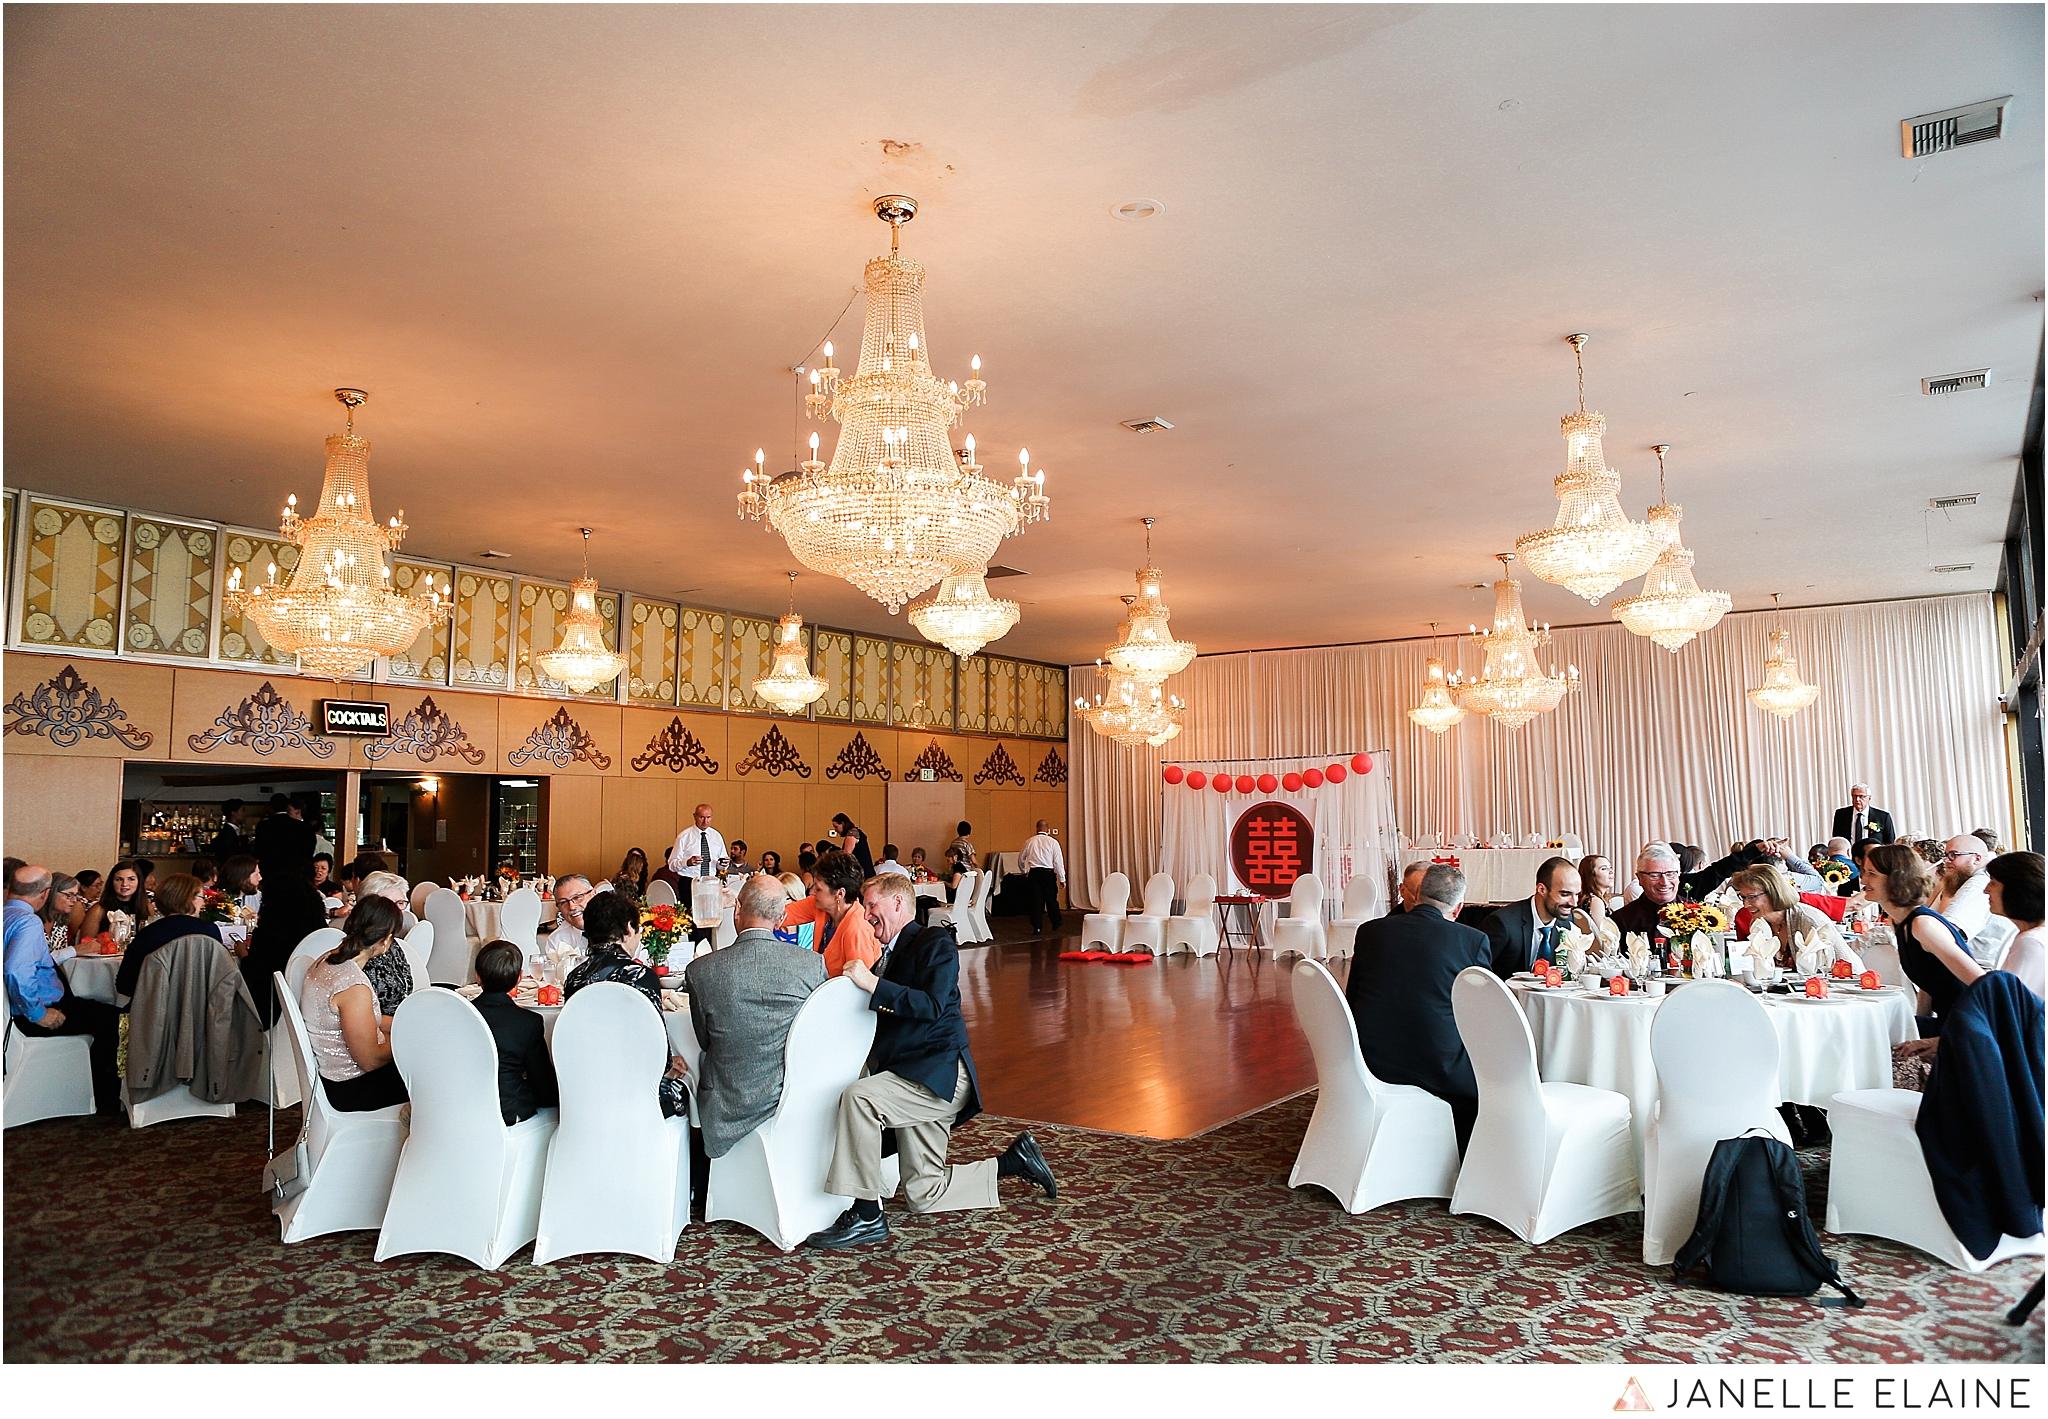 janelle elaine photography-professional wedding photographer seattle--105.jpg